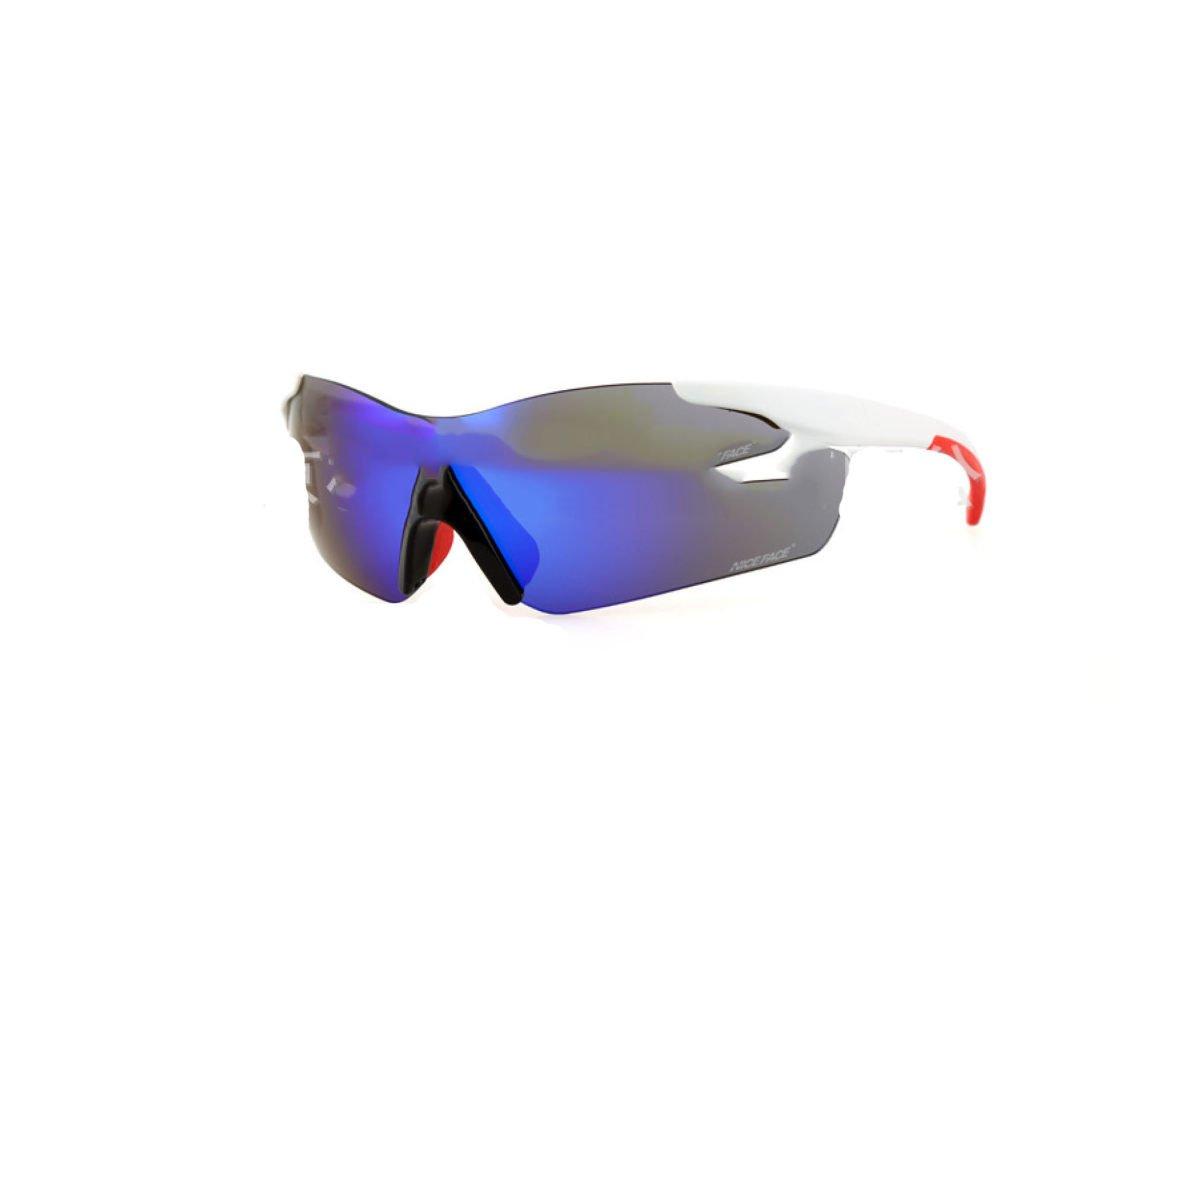 TZQ Femmes Cyclisme Lunettes Multi Purpose Goggles En Plein Air Anti-Brouillard Ski Lunettes De Soleil Lunettes De Soleil,D